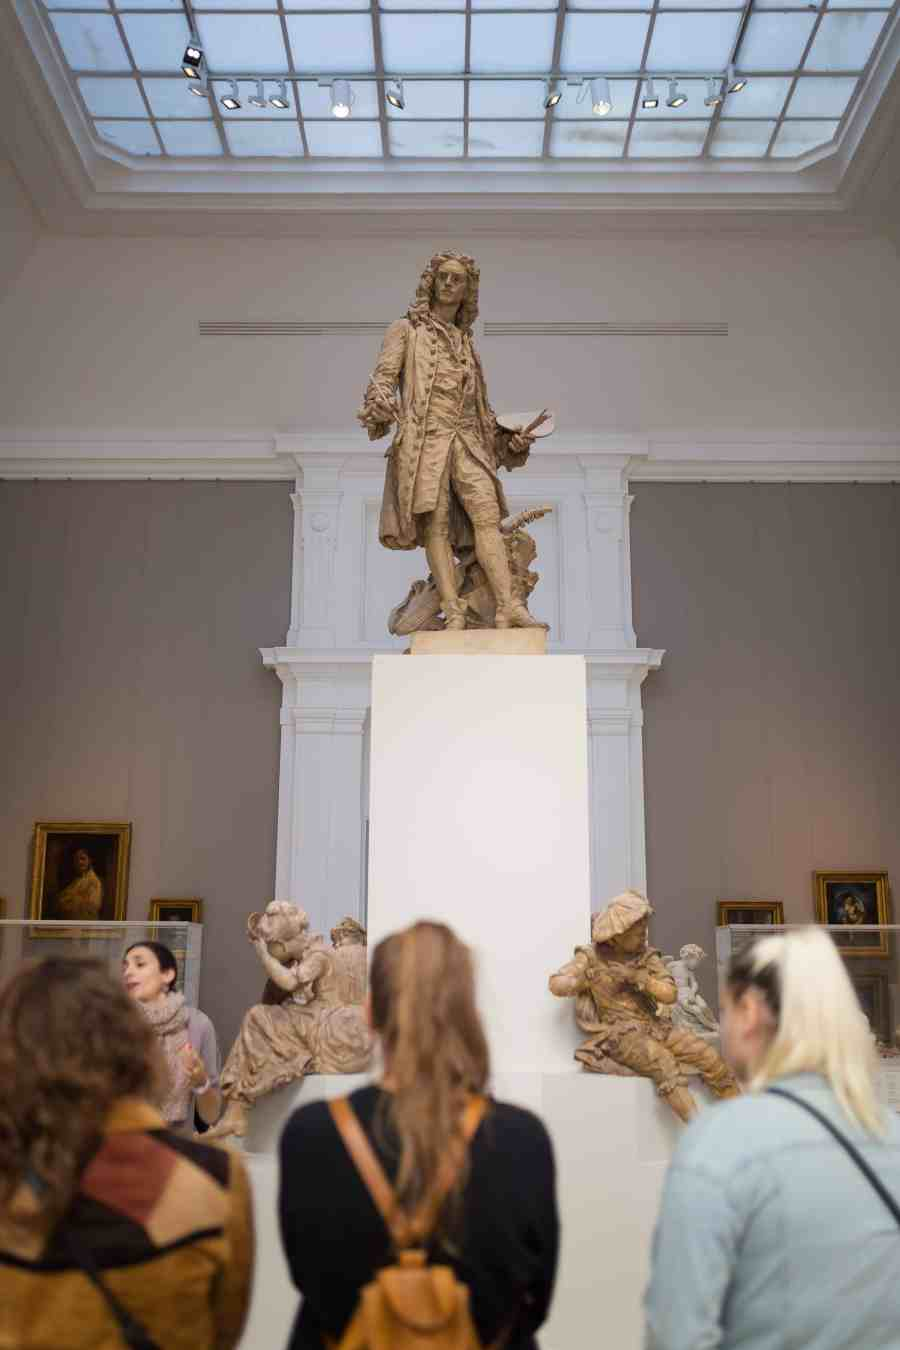 valenciennes-hainaut-visites mystères-autour du louvre lens-musee-beaux arts-place-carpeaux-visiteurs-loufoque